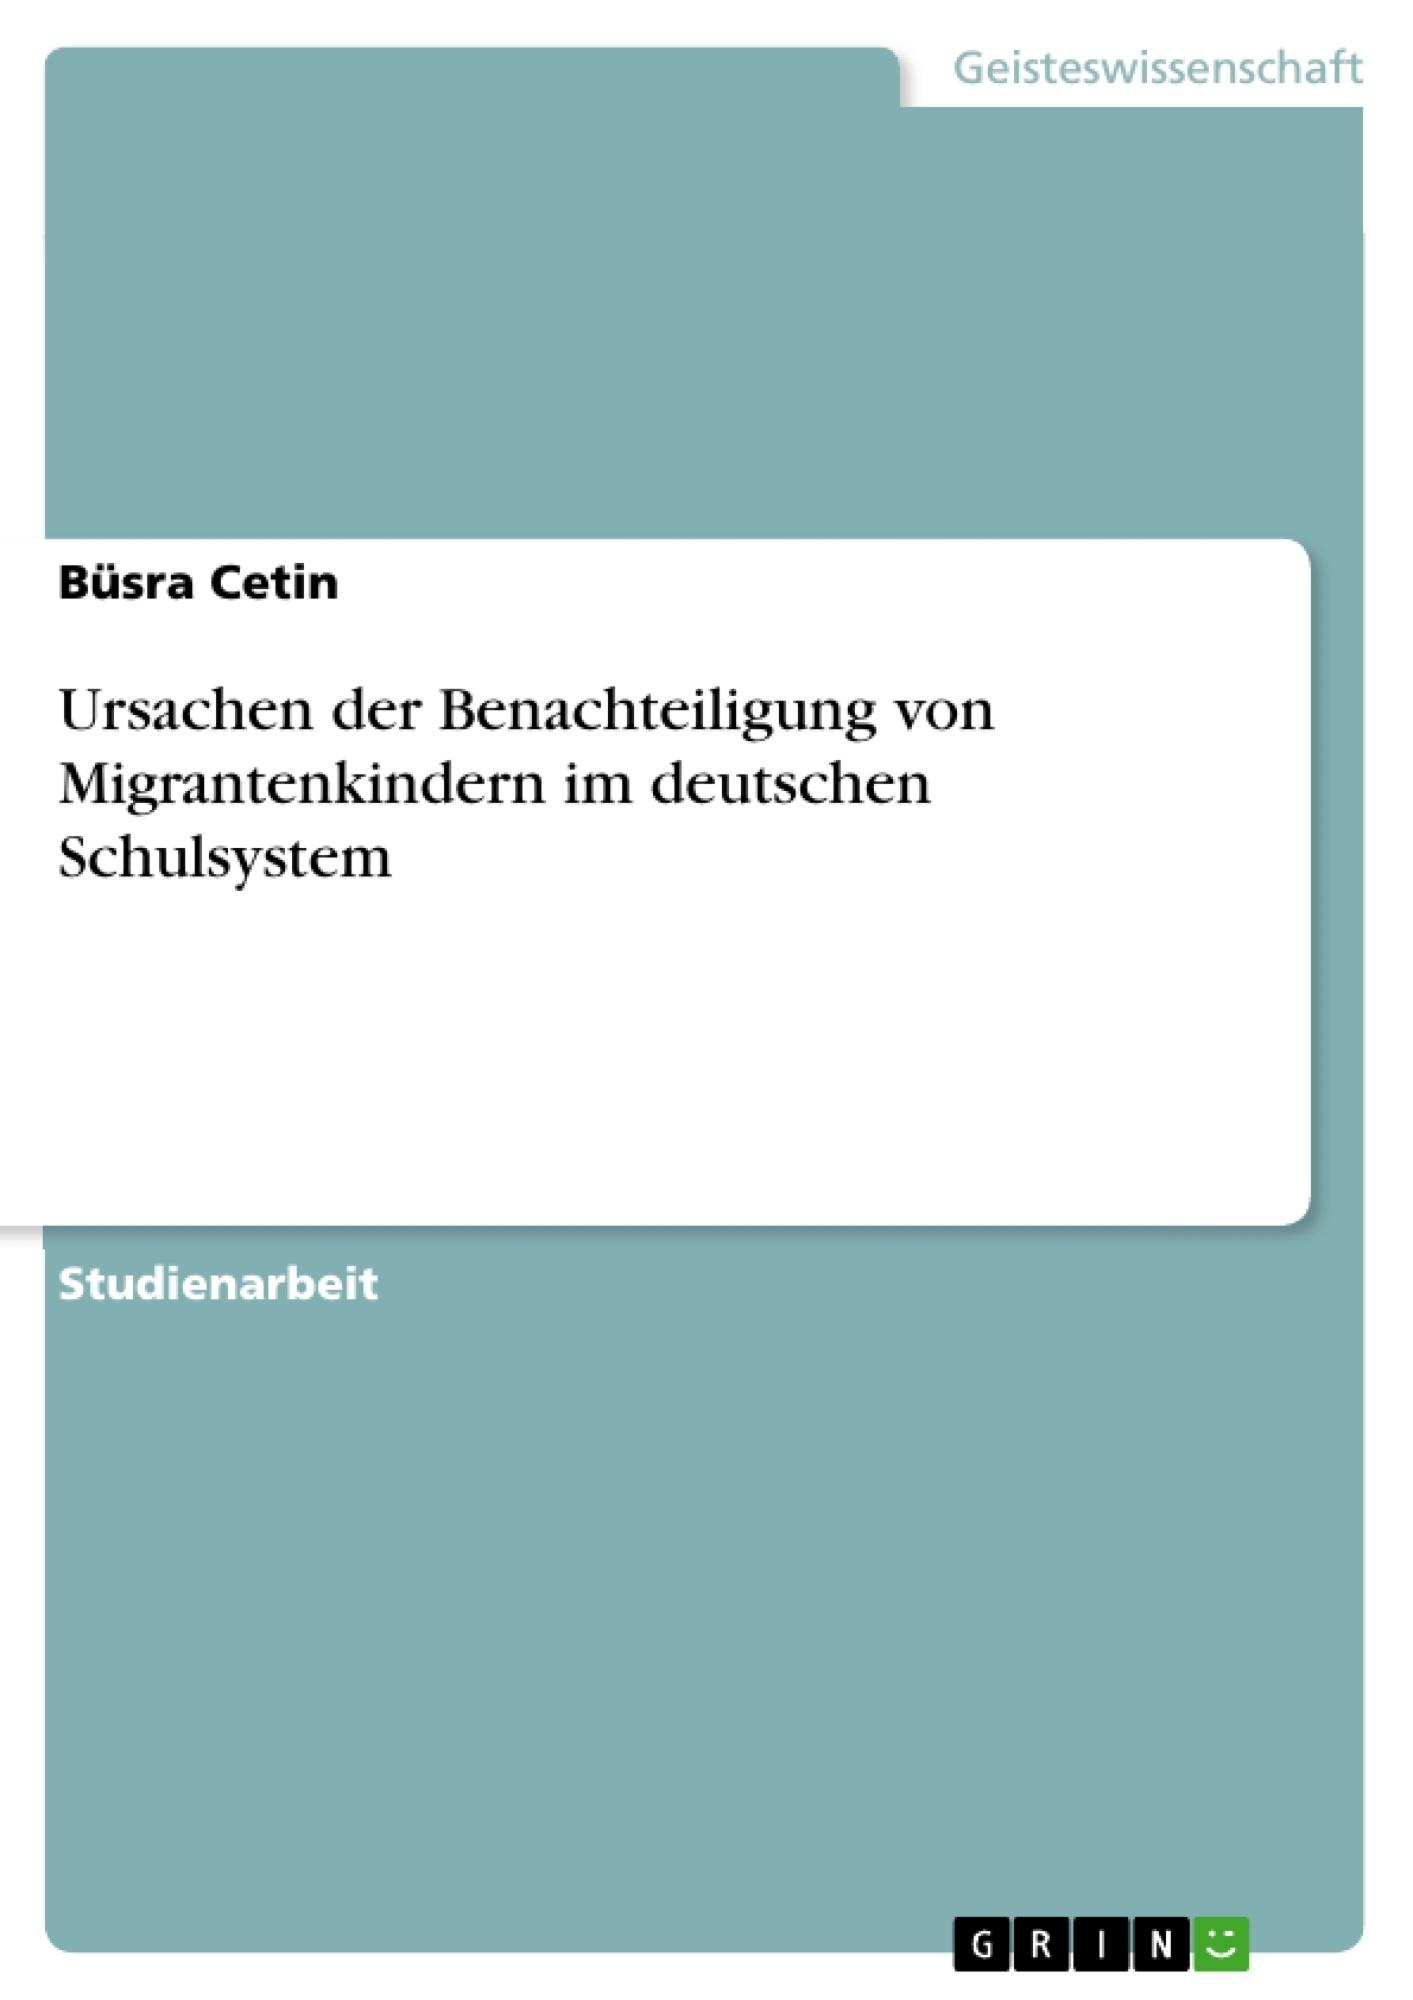 Titel: Ursachen der Benachteiligung von Migrantenkindern im deutschen Schulsystem